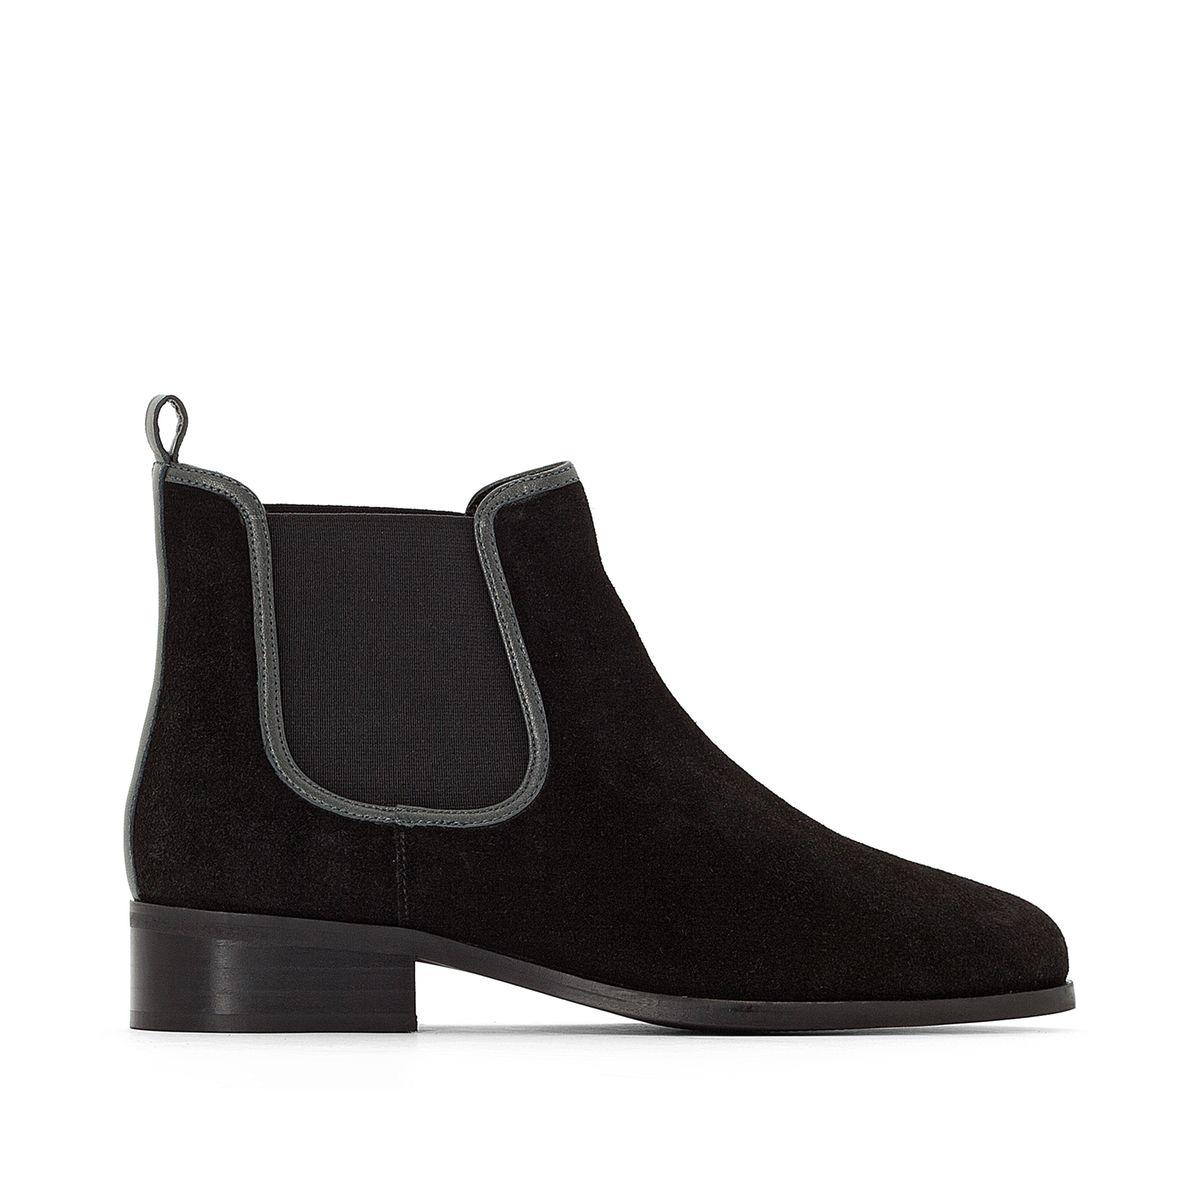 Boots talon moyen